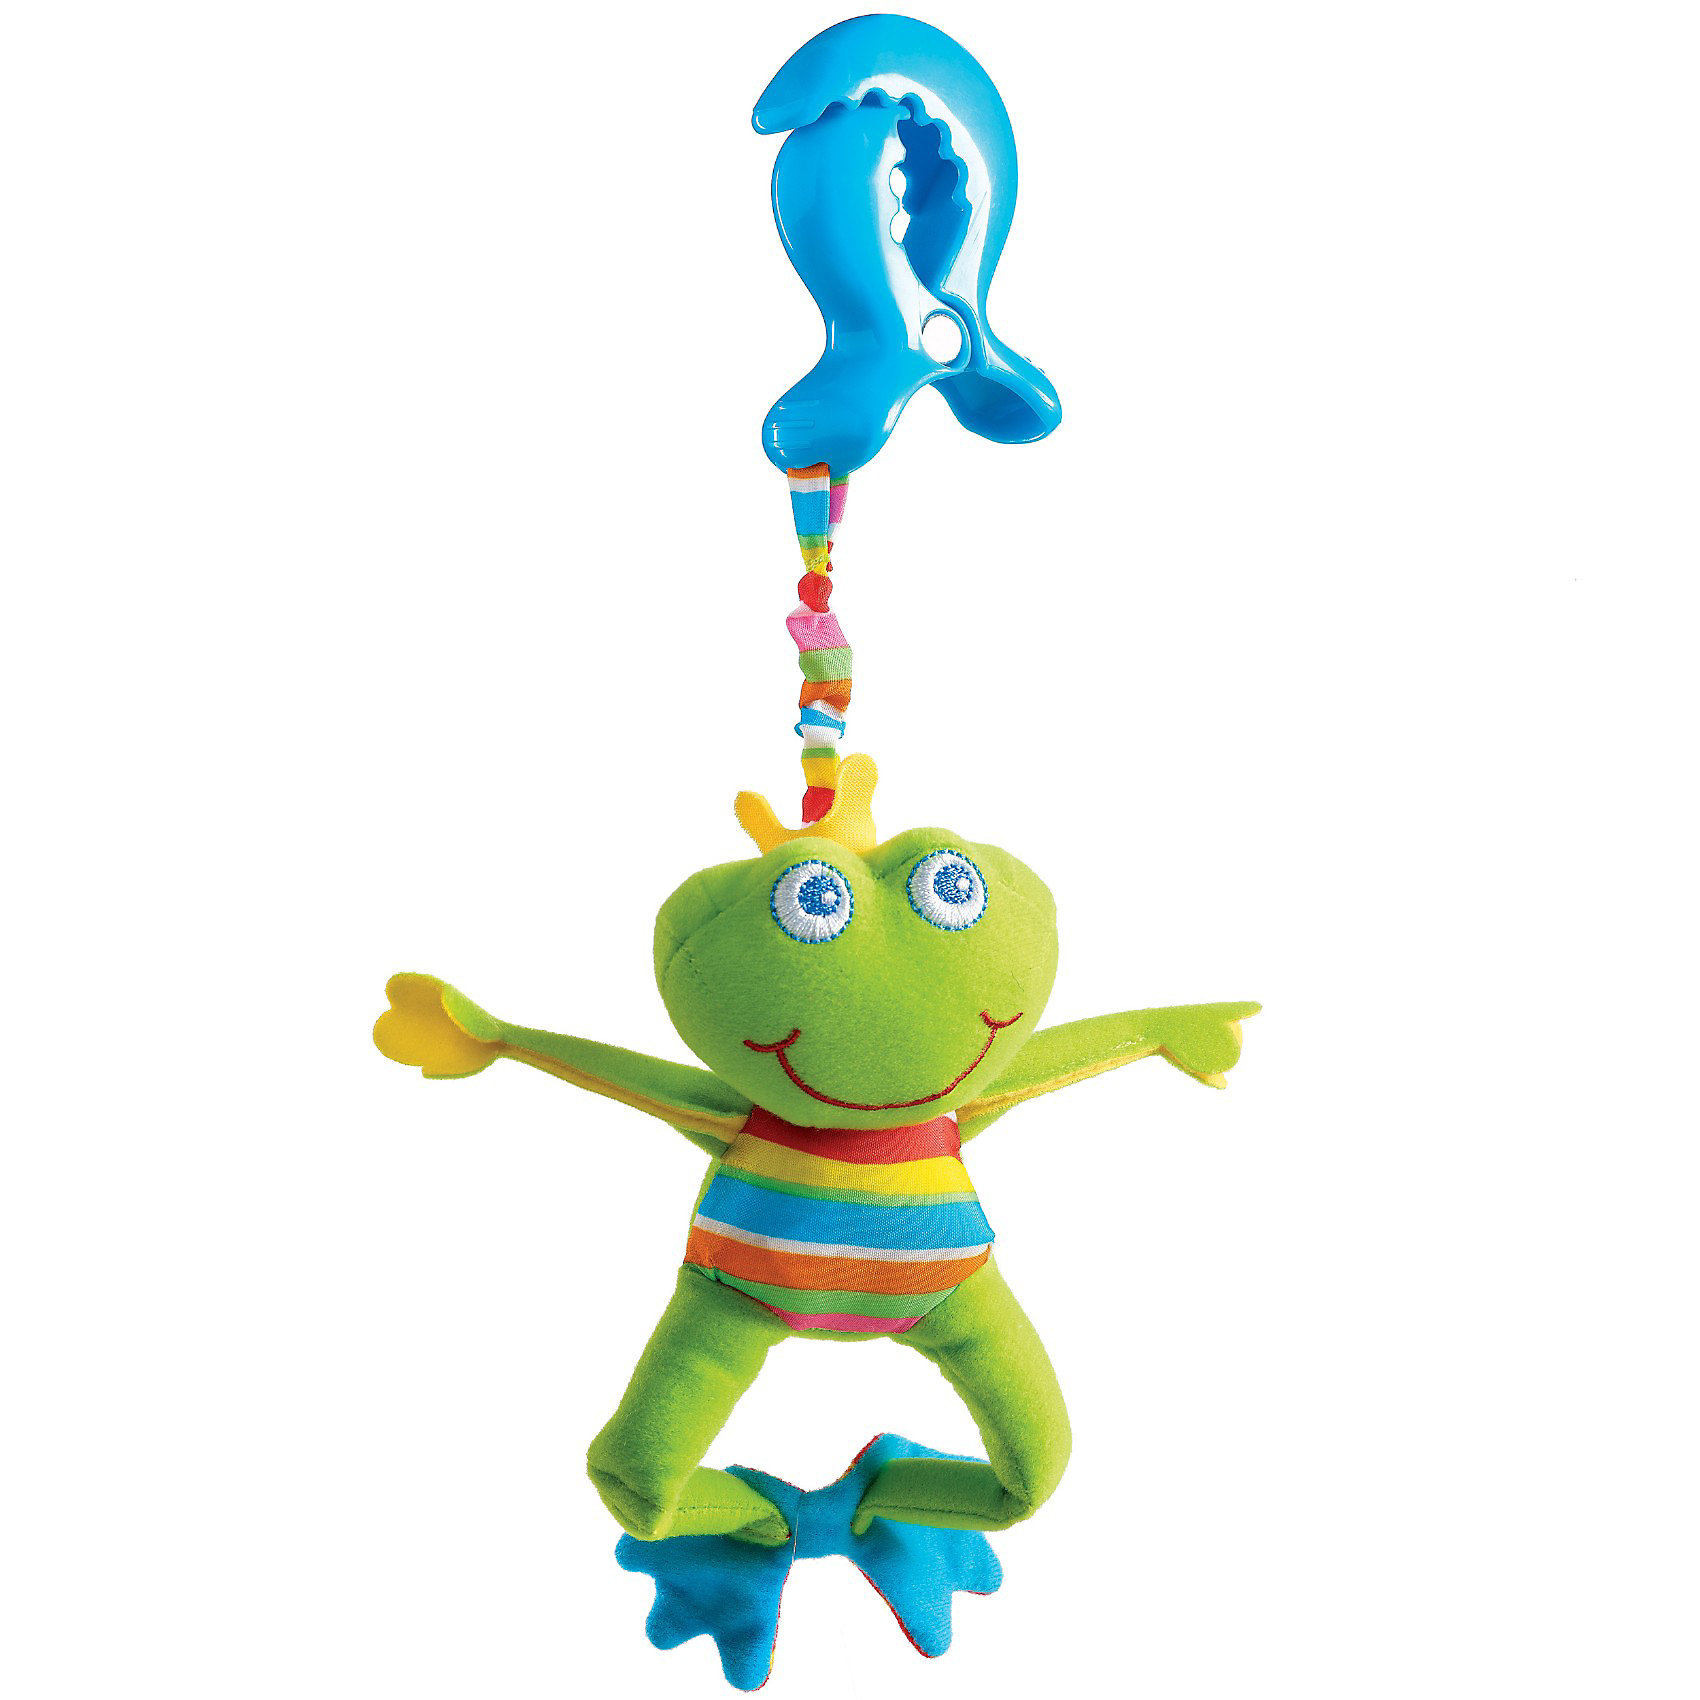 Развивающая игрушка Лягушонок Френки, Tiny LoveМягкие игрушки<br>Красивая и мягкая подвесная игрушка, с шуршащими элементами и вибрирующим эффектом при растягивании. <br>Если игрушку потрясти — раздастся характерный для погремушки звук. <br><br>Благодаря надежному и удобному креплению краб игрушку можно закрепить на коляске, коврике, кроватке или автокресле малыша. <br><br>Дополнительная информация:<br><br>Размер игрушки (без клипсы): 13*14*17 см.<br>Размер упаковки: 13x10x16,5 см.<br><br>Развивающую игрушку Лягушонок Френки, Tiny Love (Тини Лав) можно купить в нашем интернет - магазине.<br><br>Ширина мм: 60<br>Глубина мм: 130<br>Высота мм: 350<br>Вес г: 107<br>Возраст от месяцев: 0<br>Возраст до месяцев: 24<br>Пол: Унисекс<br>Возраст: Детский<br>SKU: 3155547